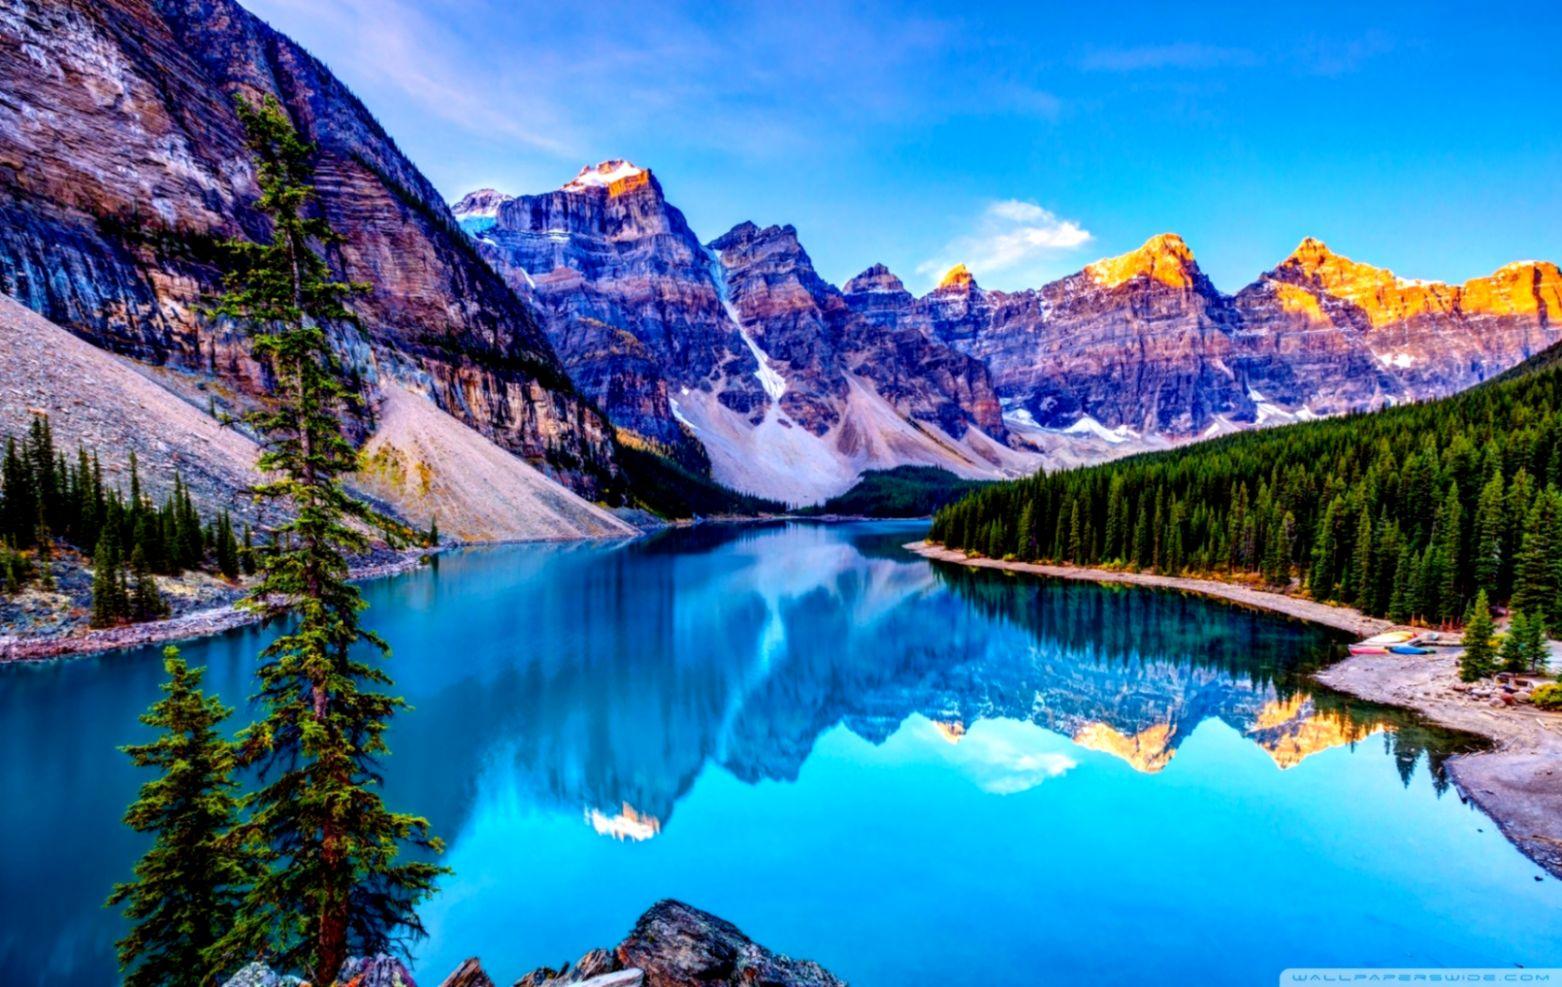 Amazing Landscape  E2 9d A4 4k Hd Desktop Wallpaper For 4k Ultra Hd Tv